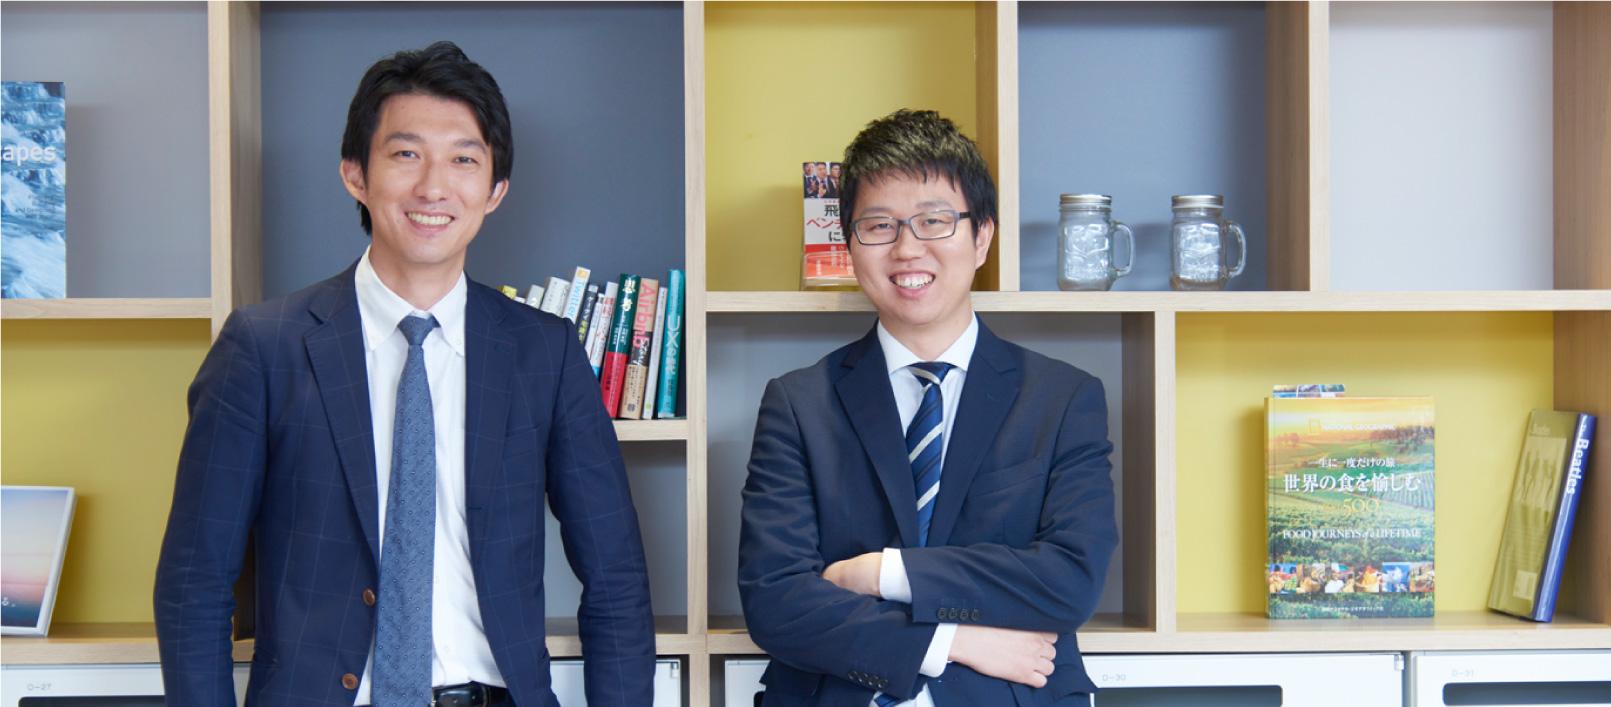 左:司法書士|永田 泰伸、右:司法書士|宮本 英徳